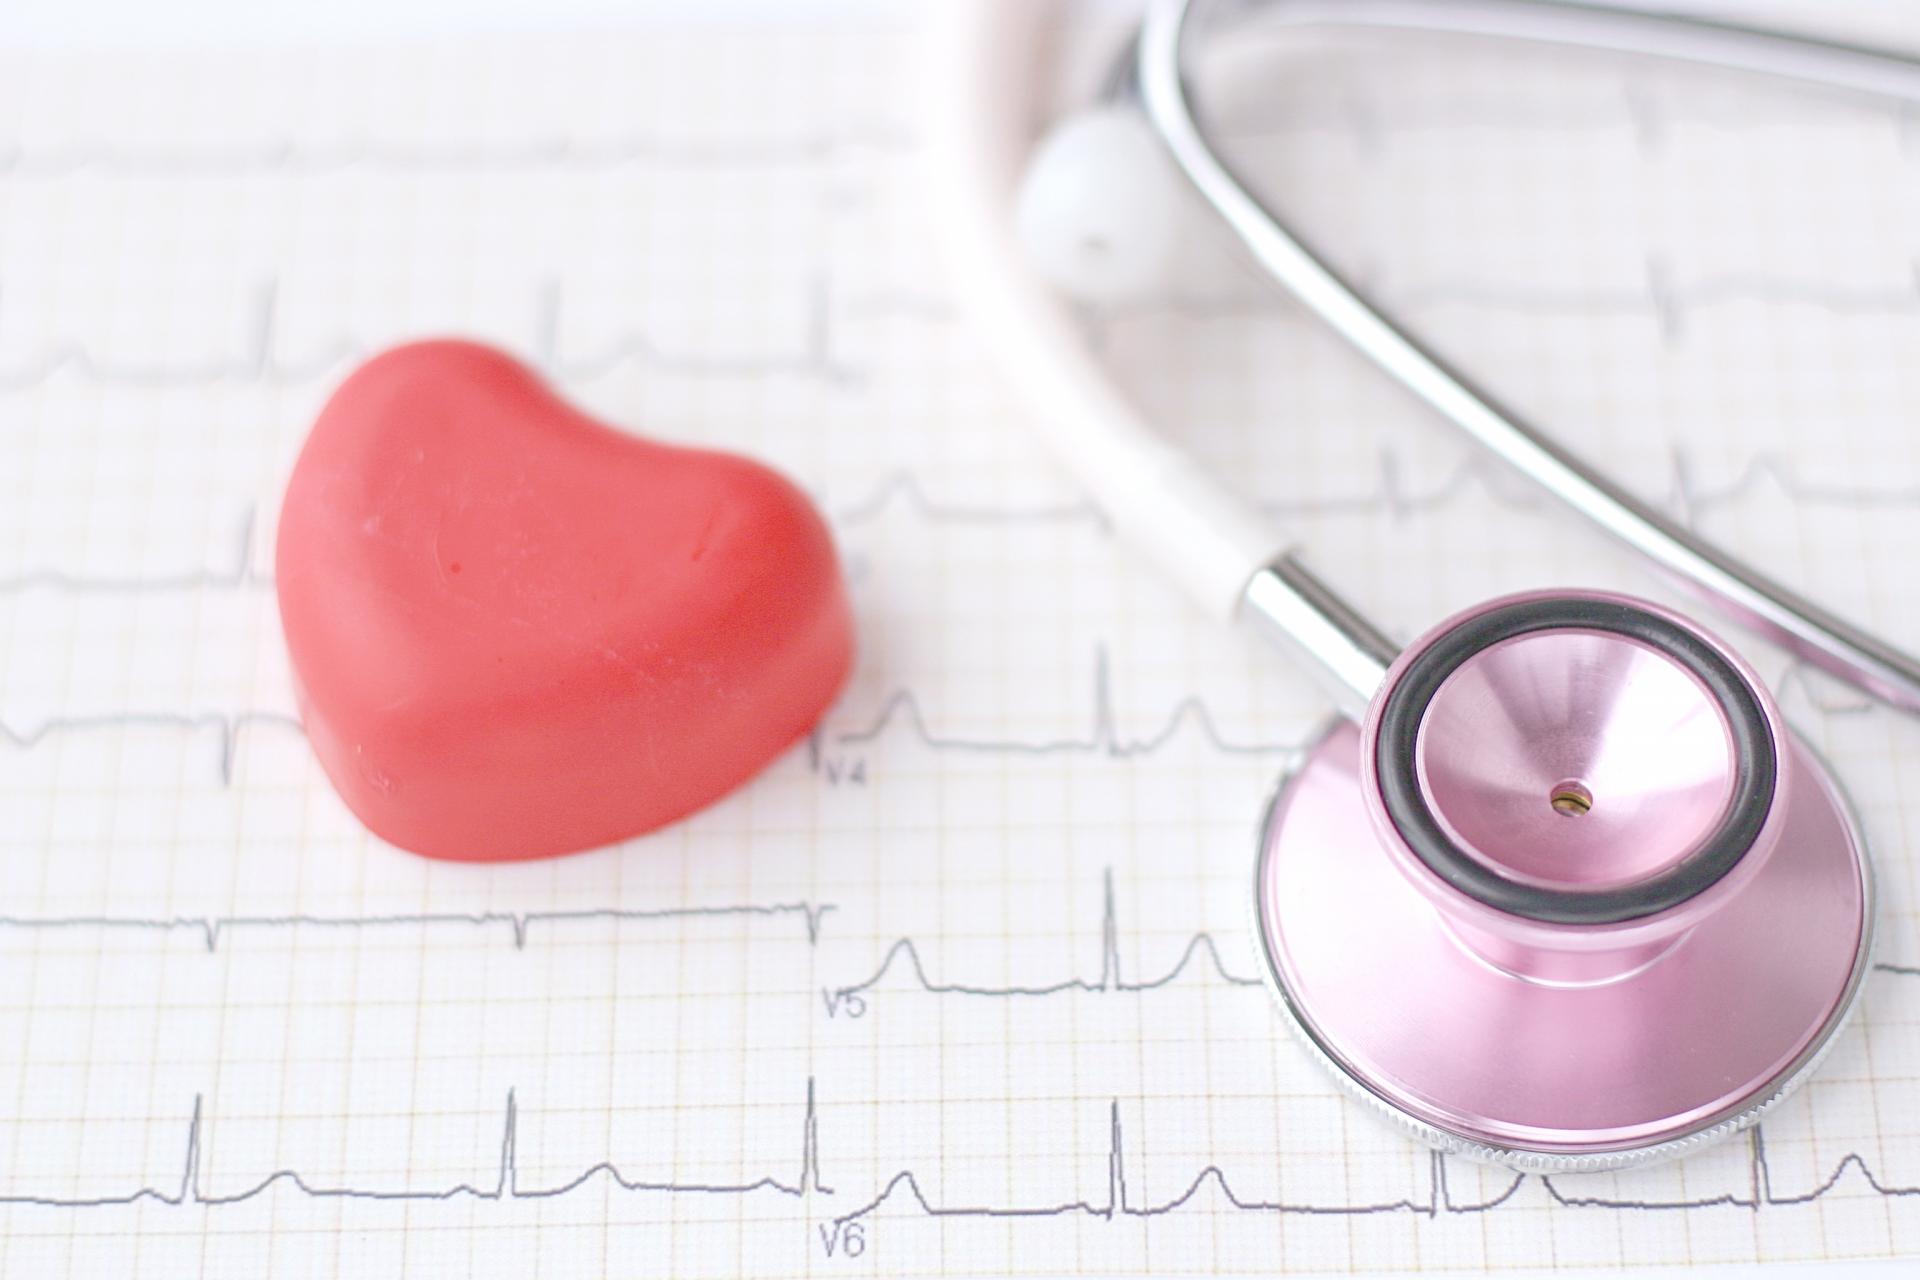 健康診断についてのイメージ